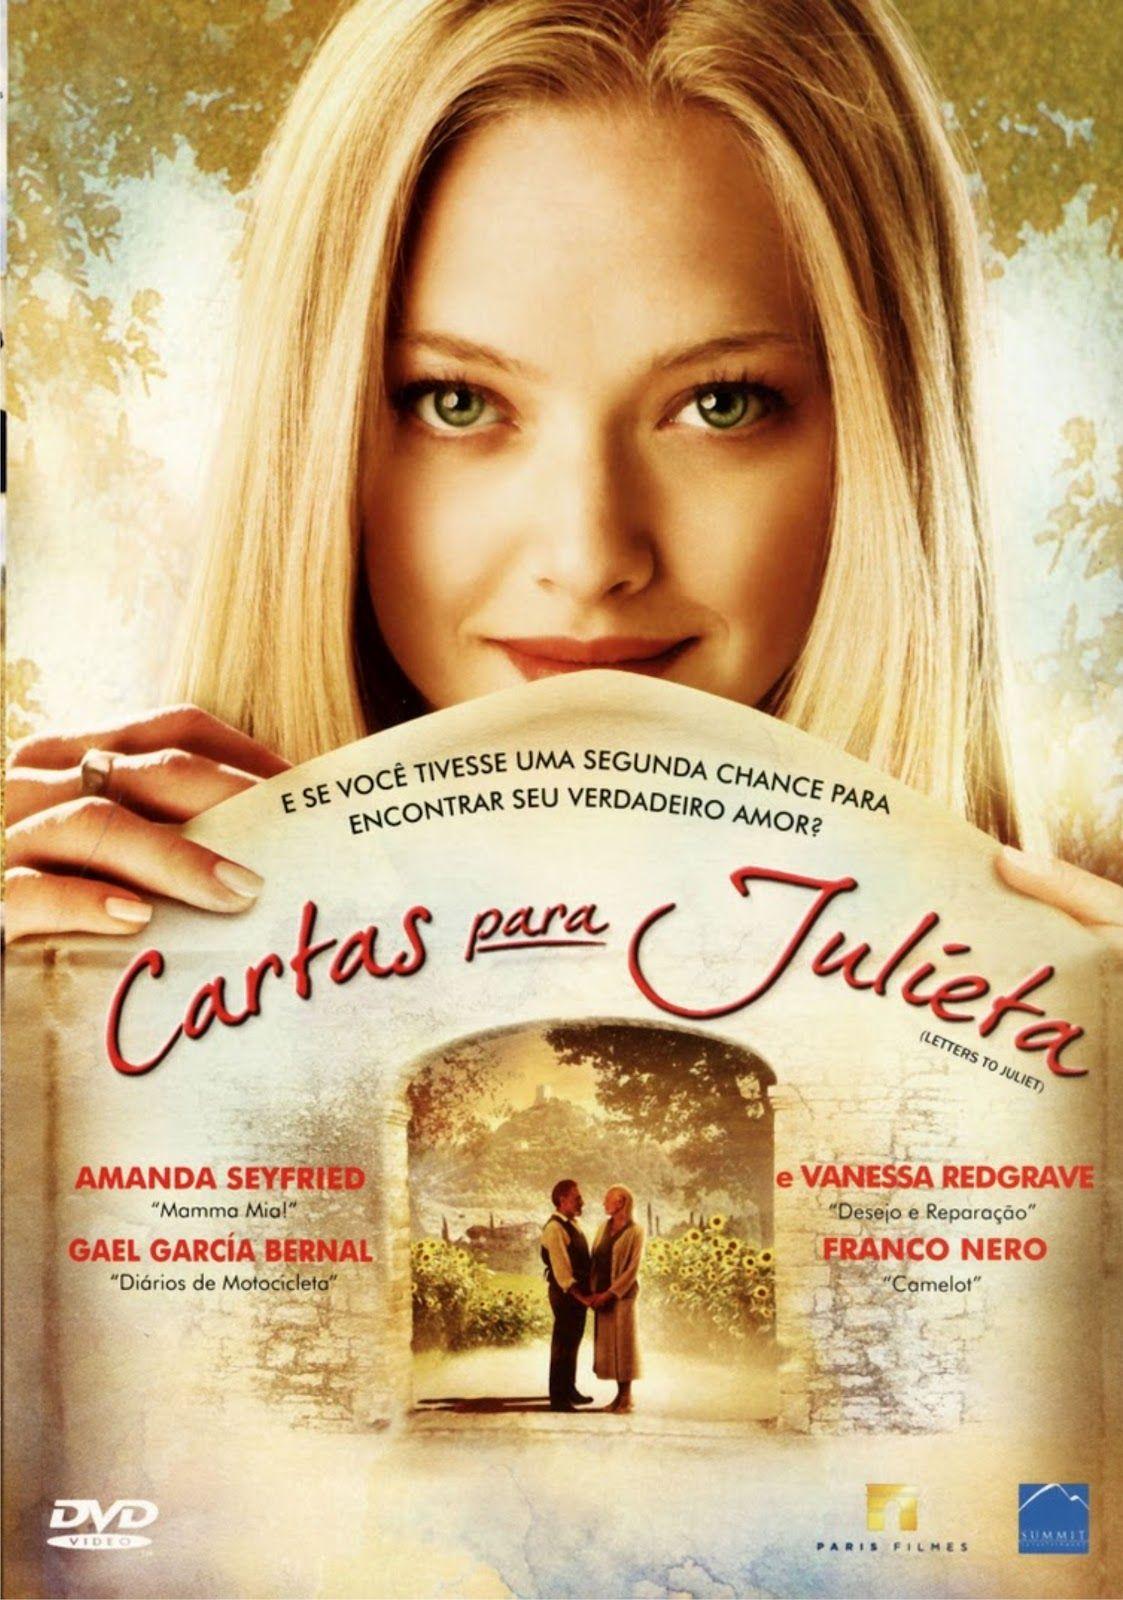 Cartas Para Julieta Cartas Para Julieta Filmes De Romance Melhores Filmes De Romance